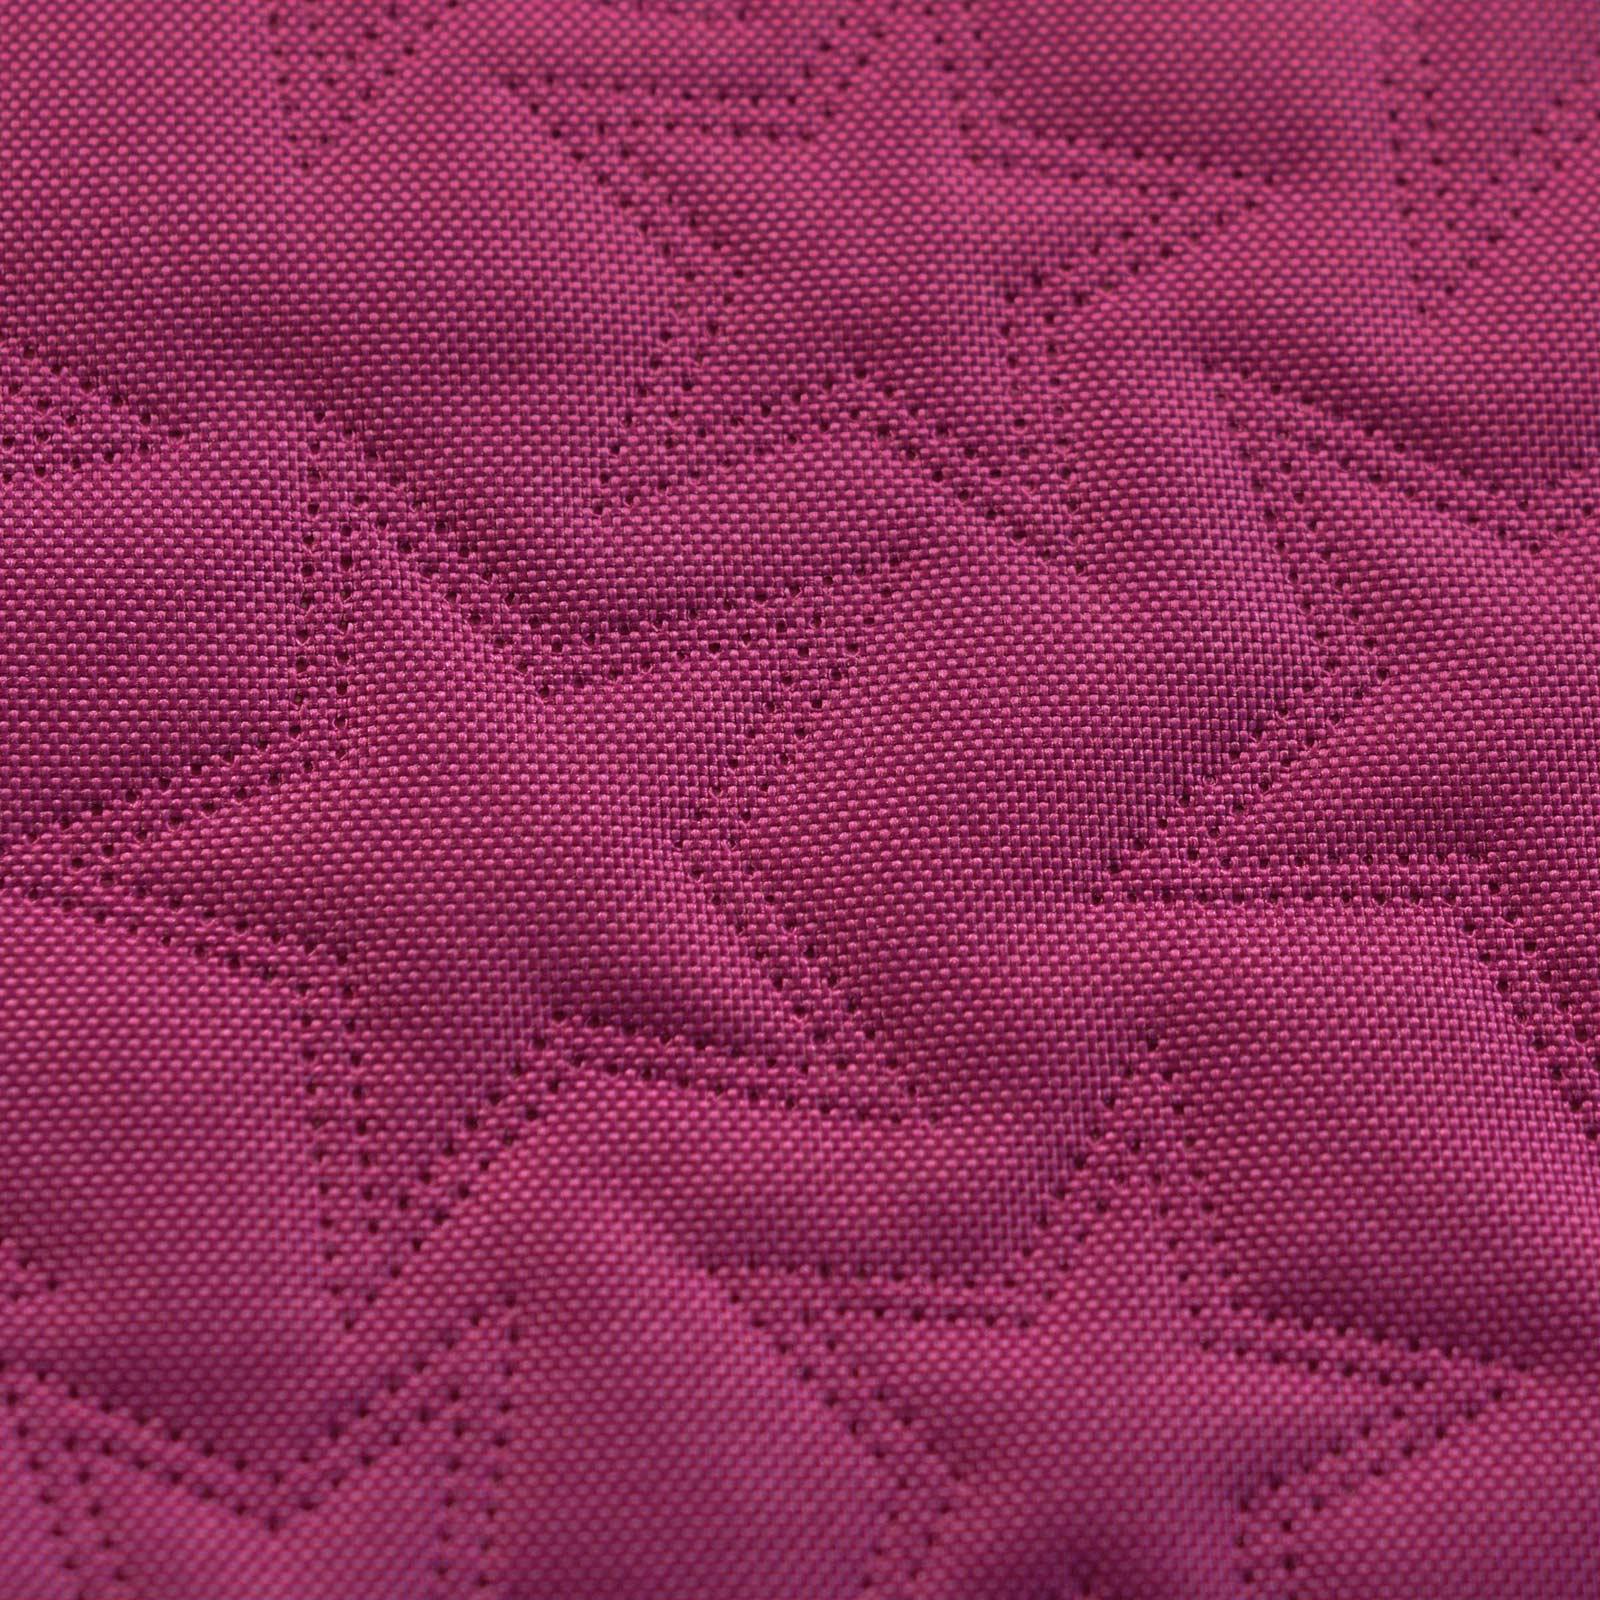 1m Steppstoff Muster Stern Steppfutter 160cm Meterware Oxford 600D PU-beschichtet Polsterstoff Farbwahl – Bild 13